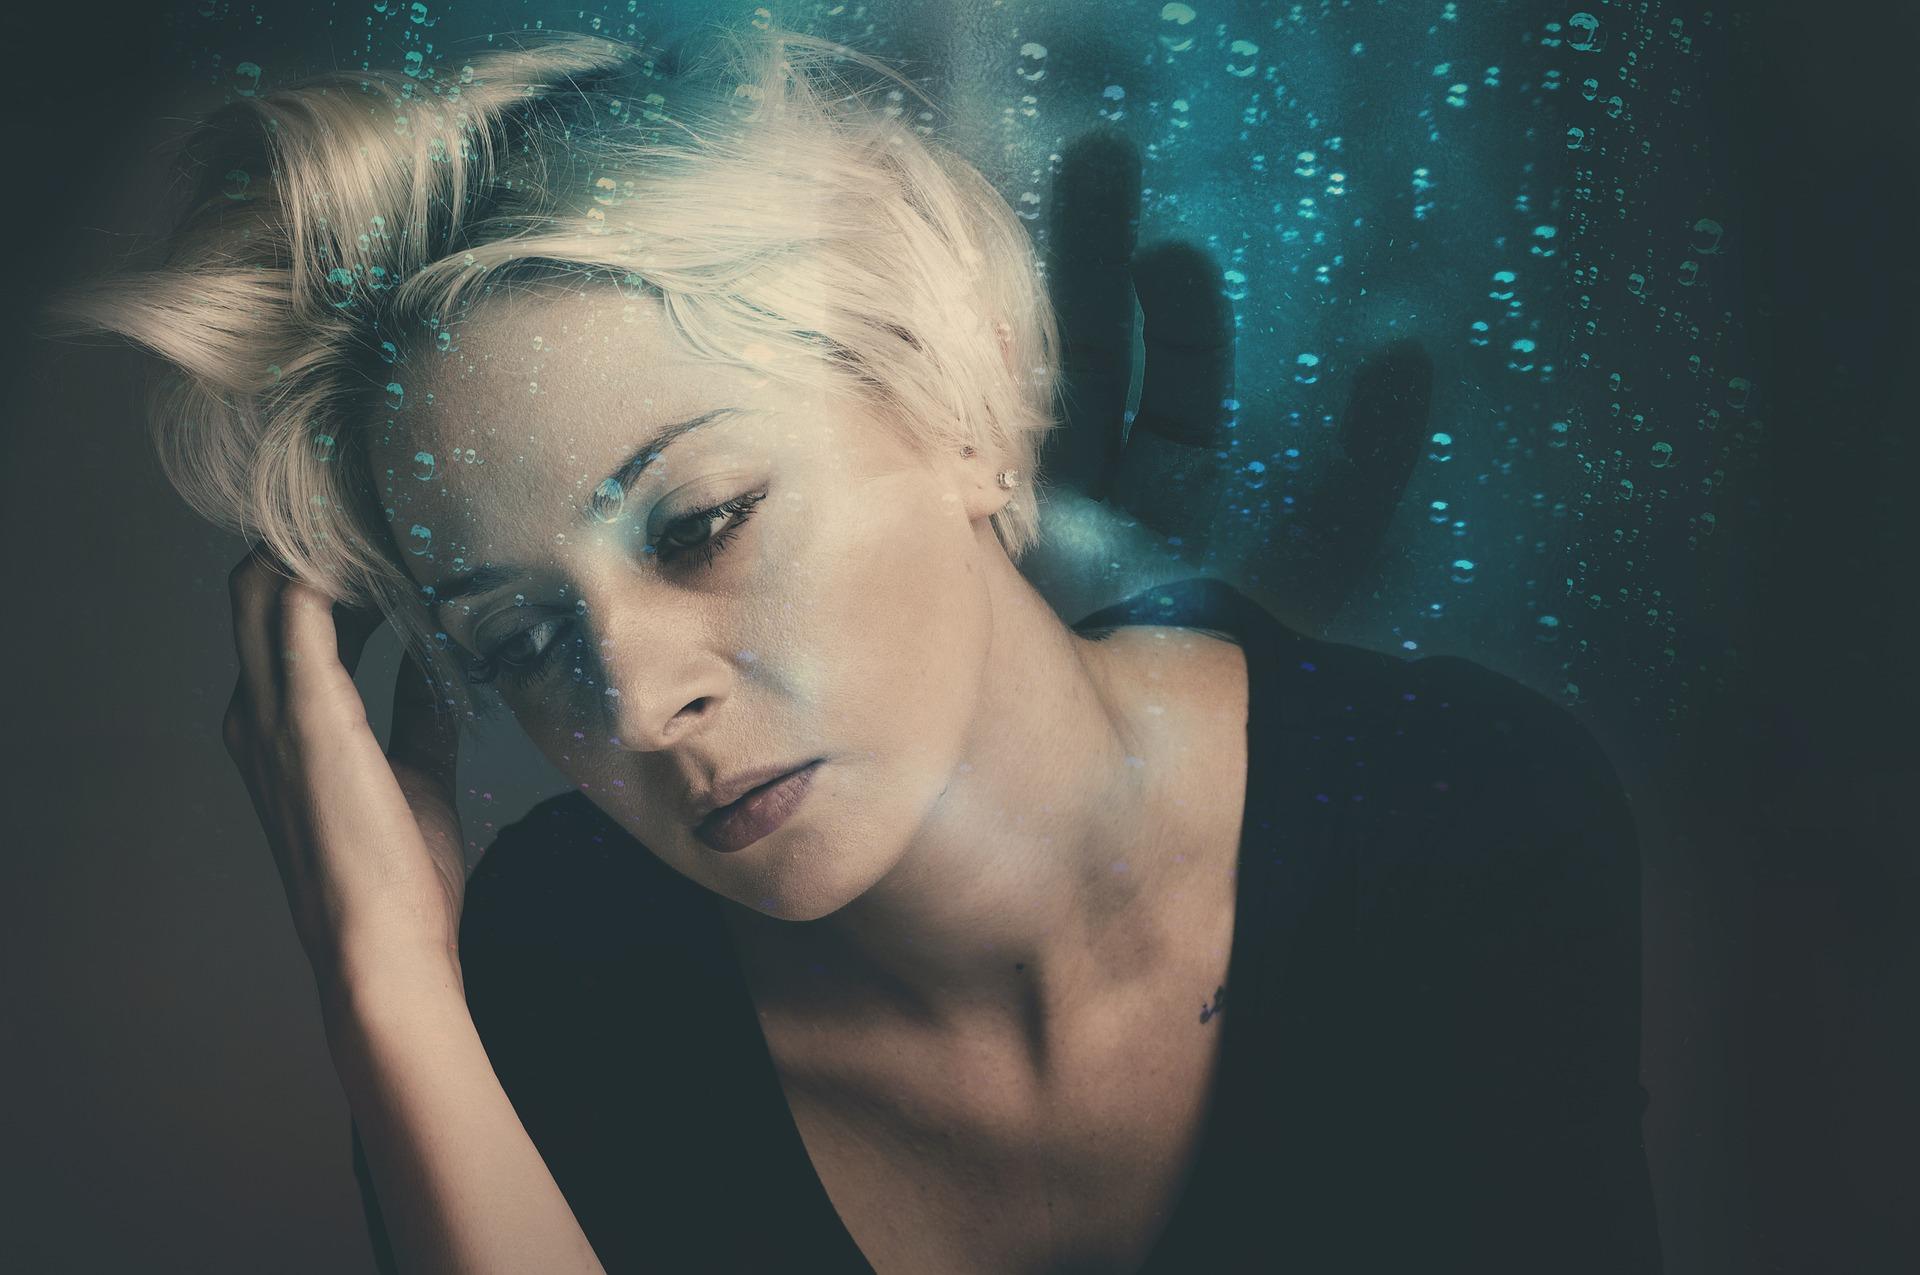 Radicali liberi e stress ossidativo i danni per la pelle